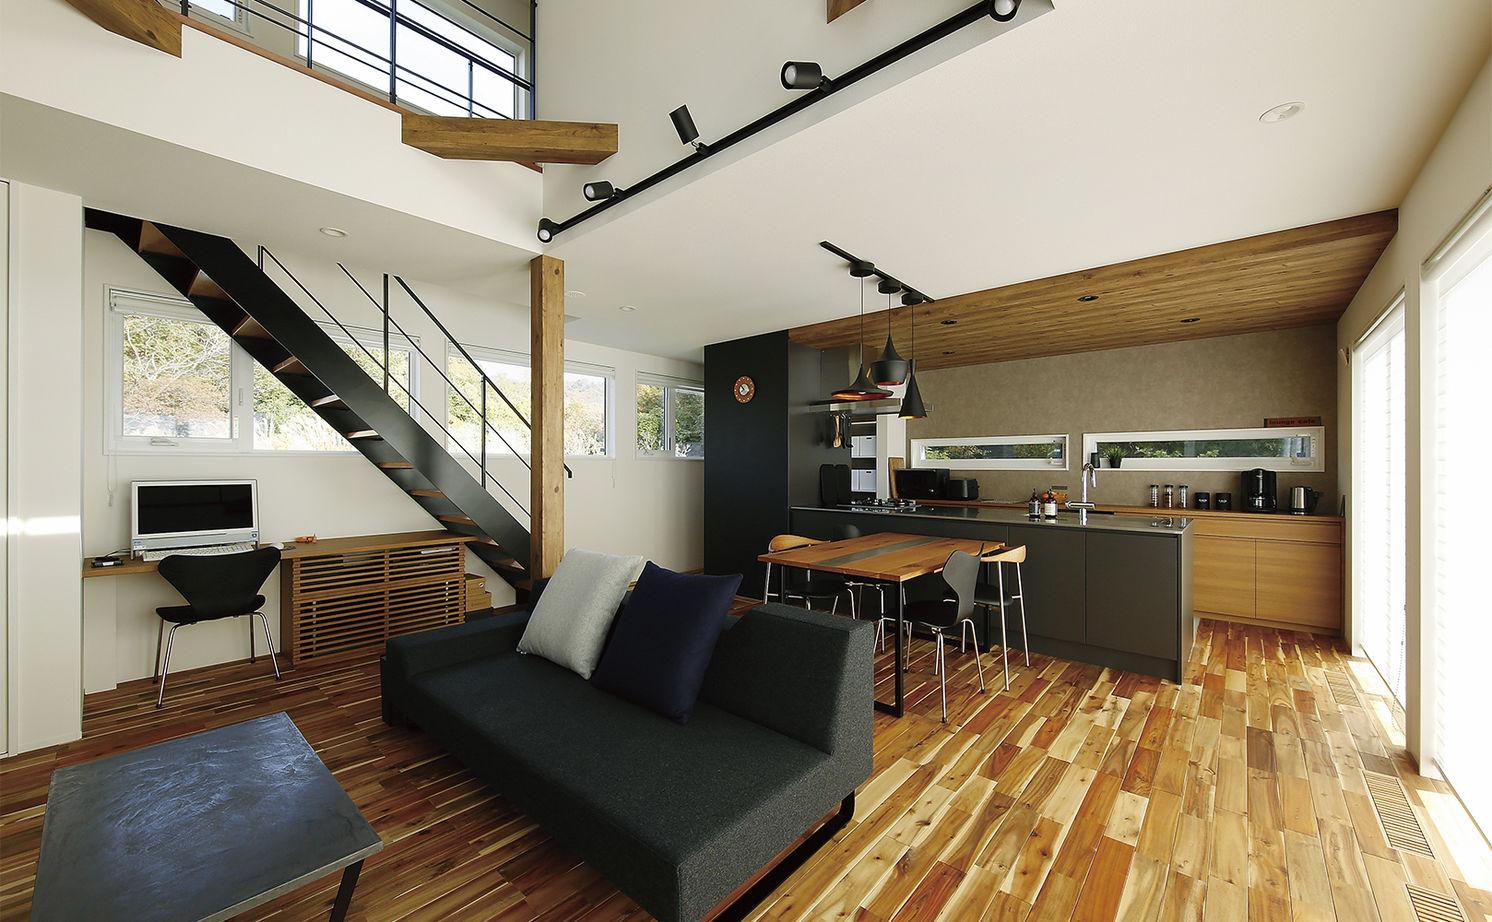 【2300万円/床下冷暖房システム/鉄骨階段/借景】1階をワンフロアの大空間に画像2